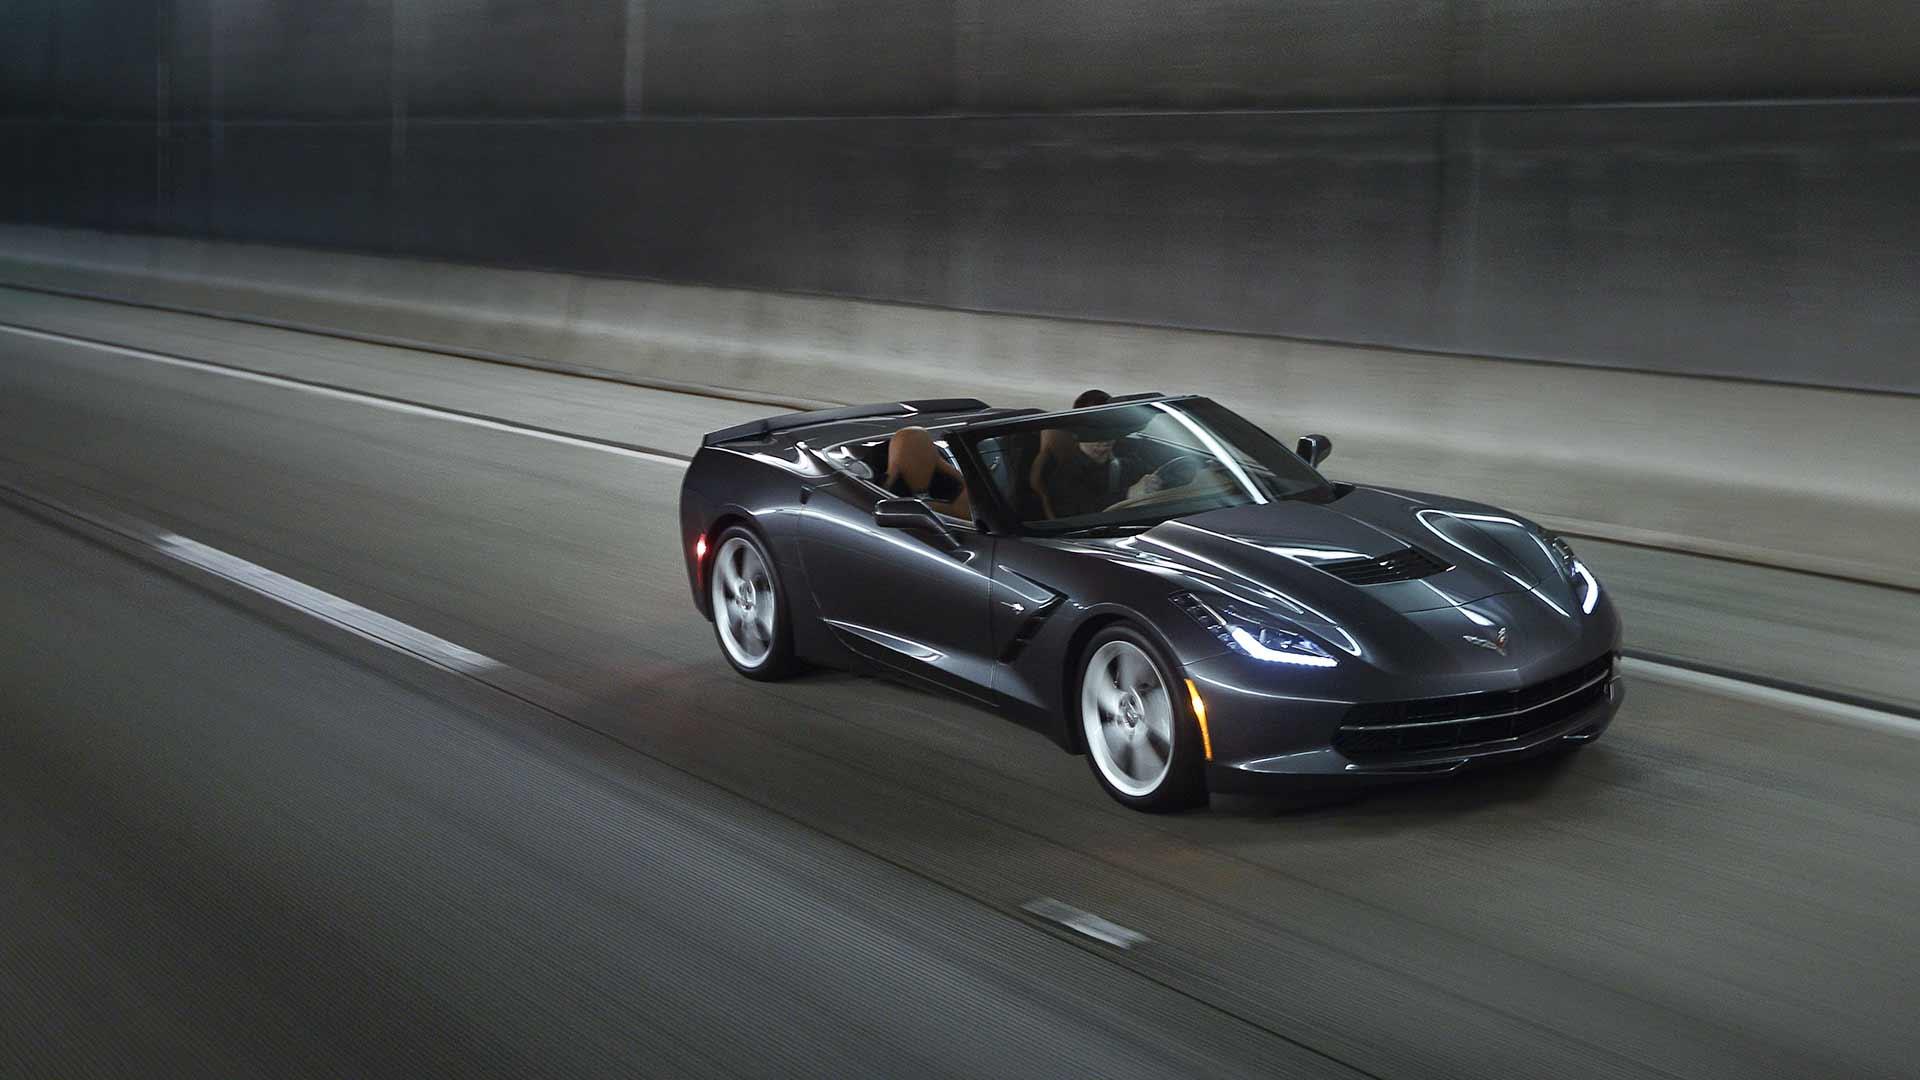 2015 Chevrolet Corvette Stingray Black Full HD Wallpaper 24198